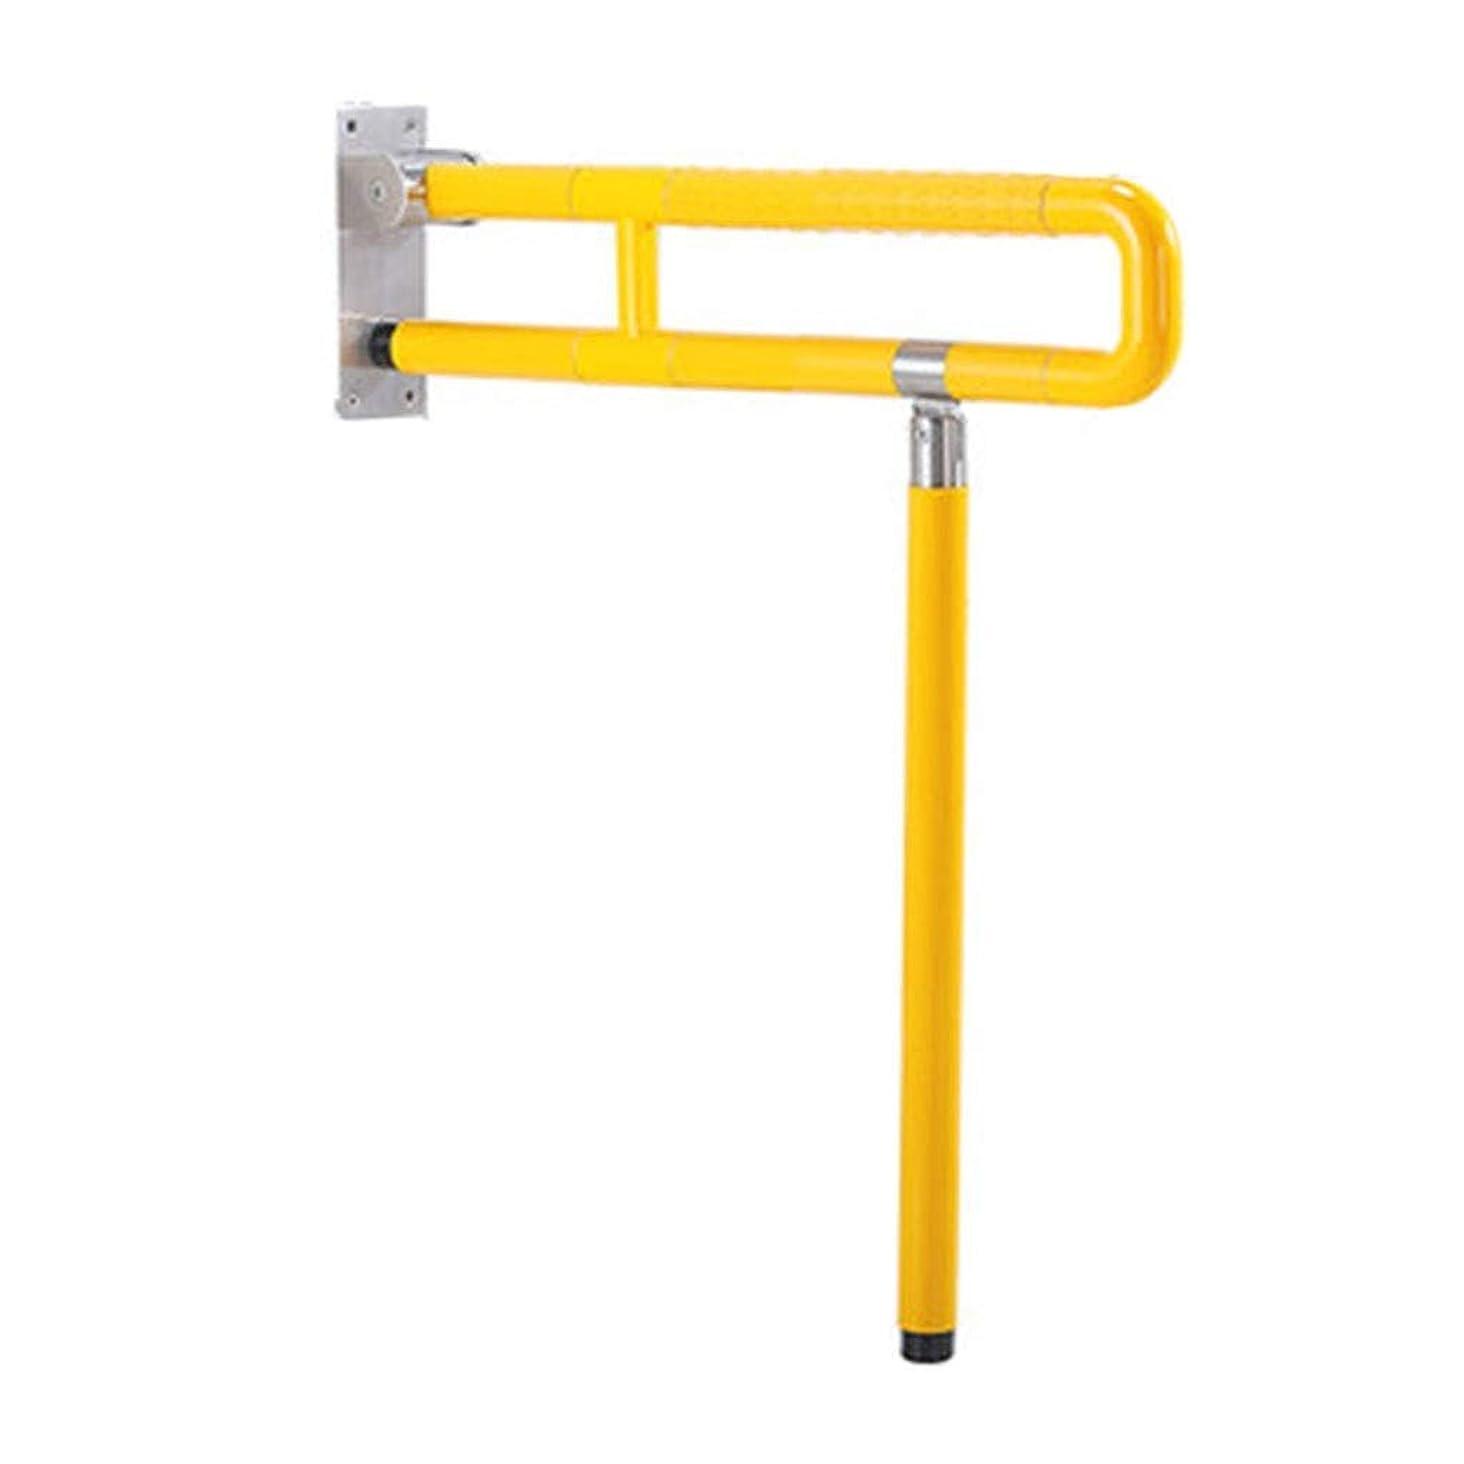 メルボルン軍裁量AMAZACER バスルームアクセサリーバスルーム手すりバスタブ安全レール、ステンレススチール製の手すり子妊婦老人滑り止め手すり調節可能なバランスバー (Color : Yellow, Size : 75*20*8cm)